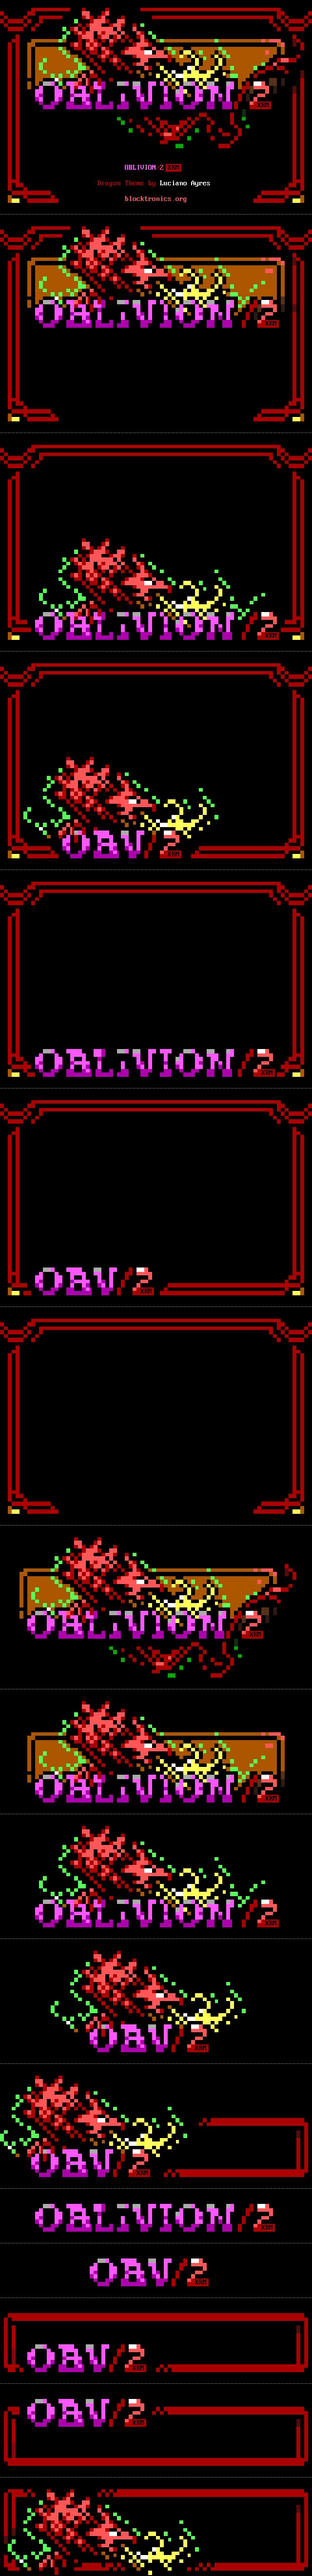 OBLIVION/2 XRM BBS Software Dragon Theme